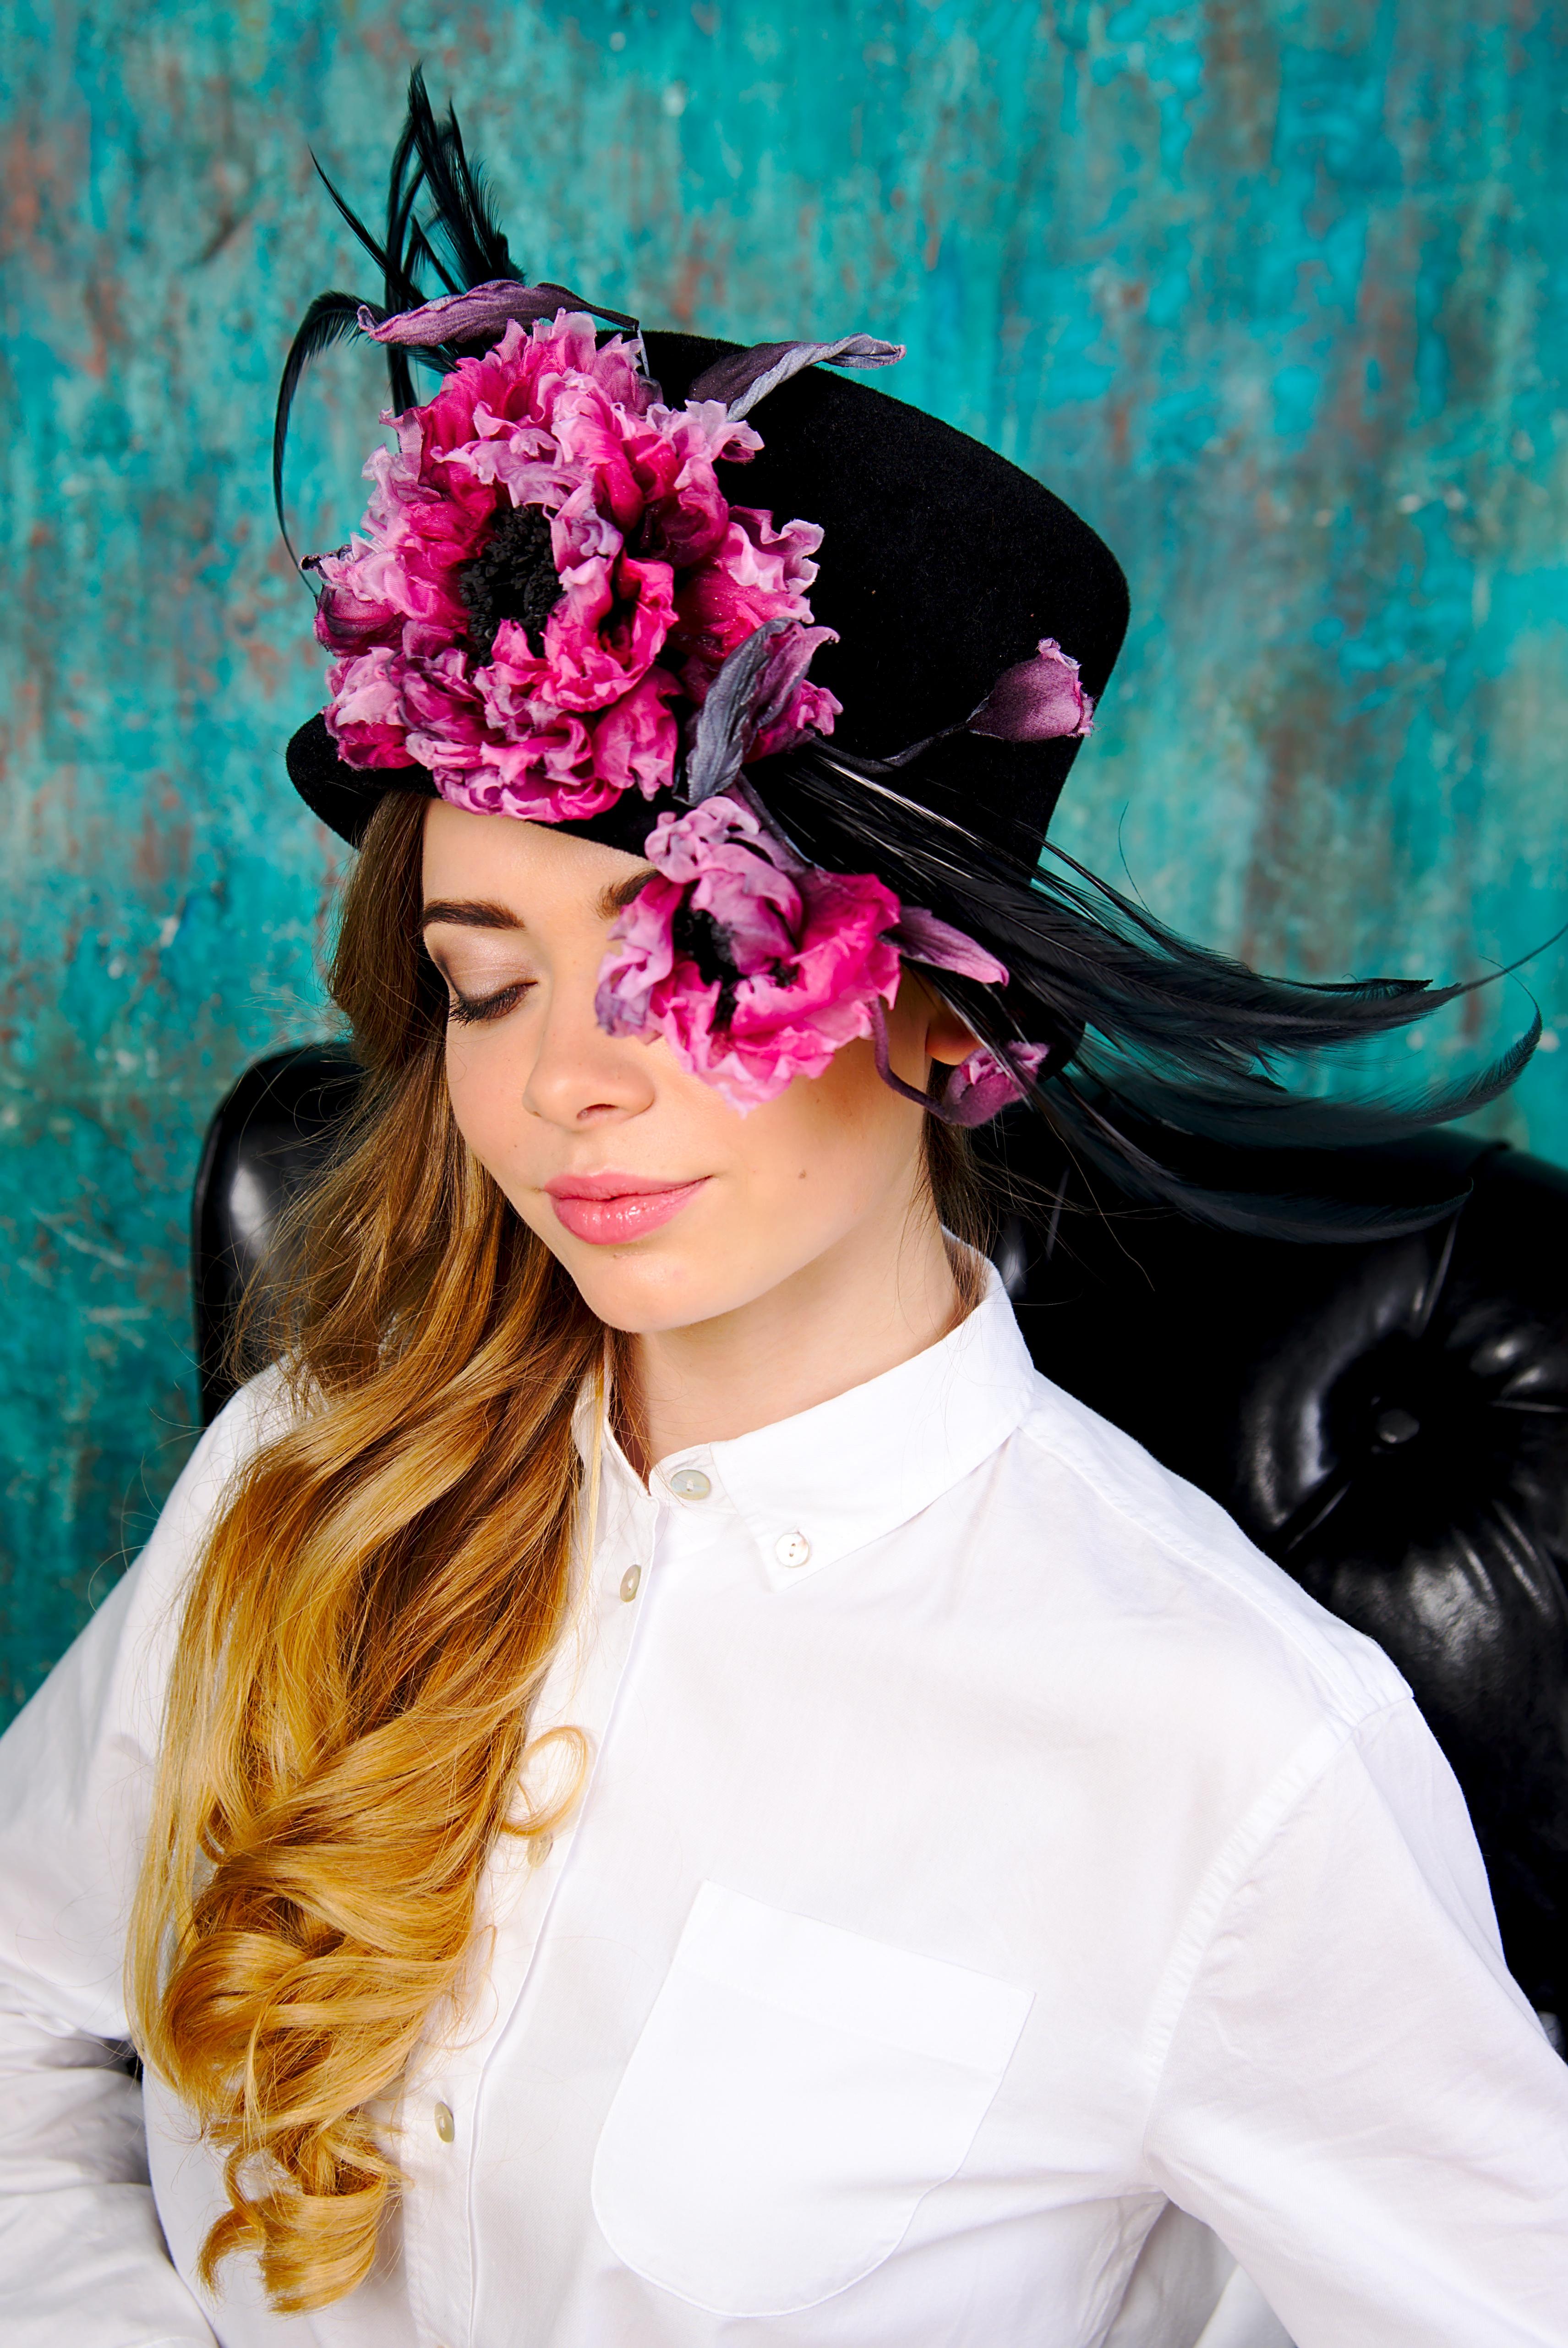 Цветы из шелка – красивое хобби и дело, приносящее доход для женщин